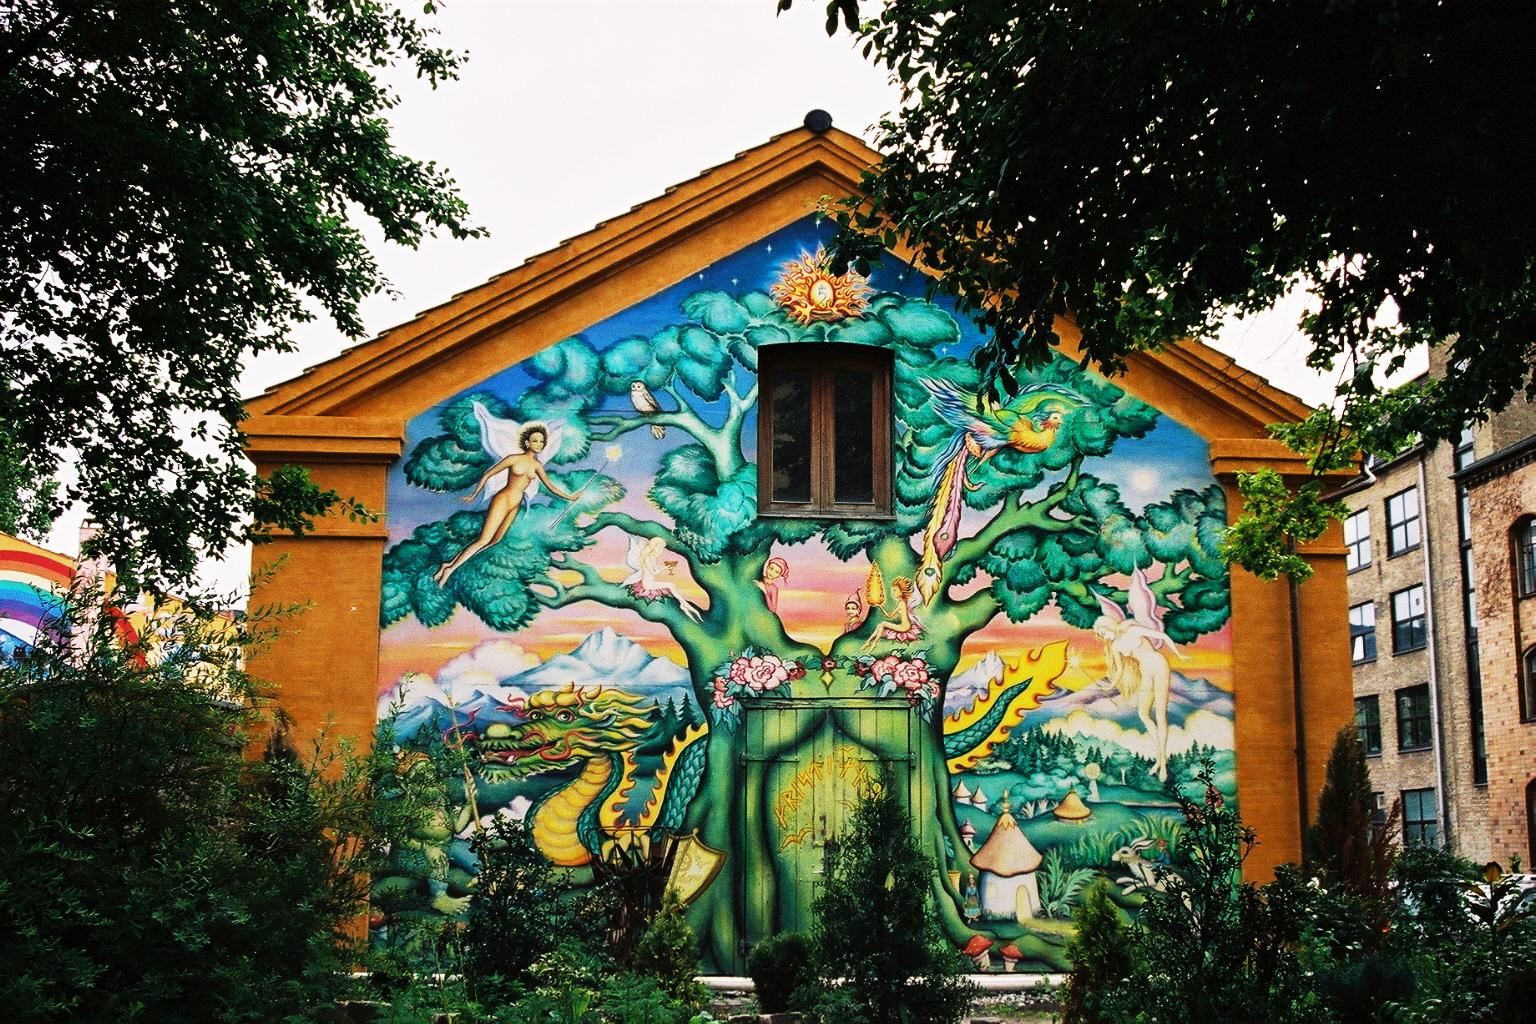 Danemark, fresque murale quartier de Christiania